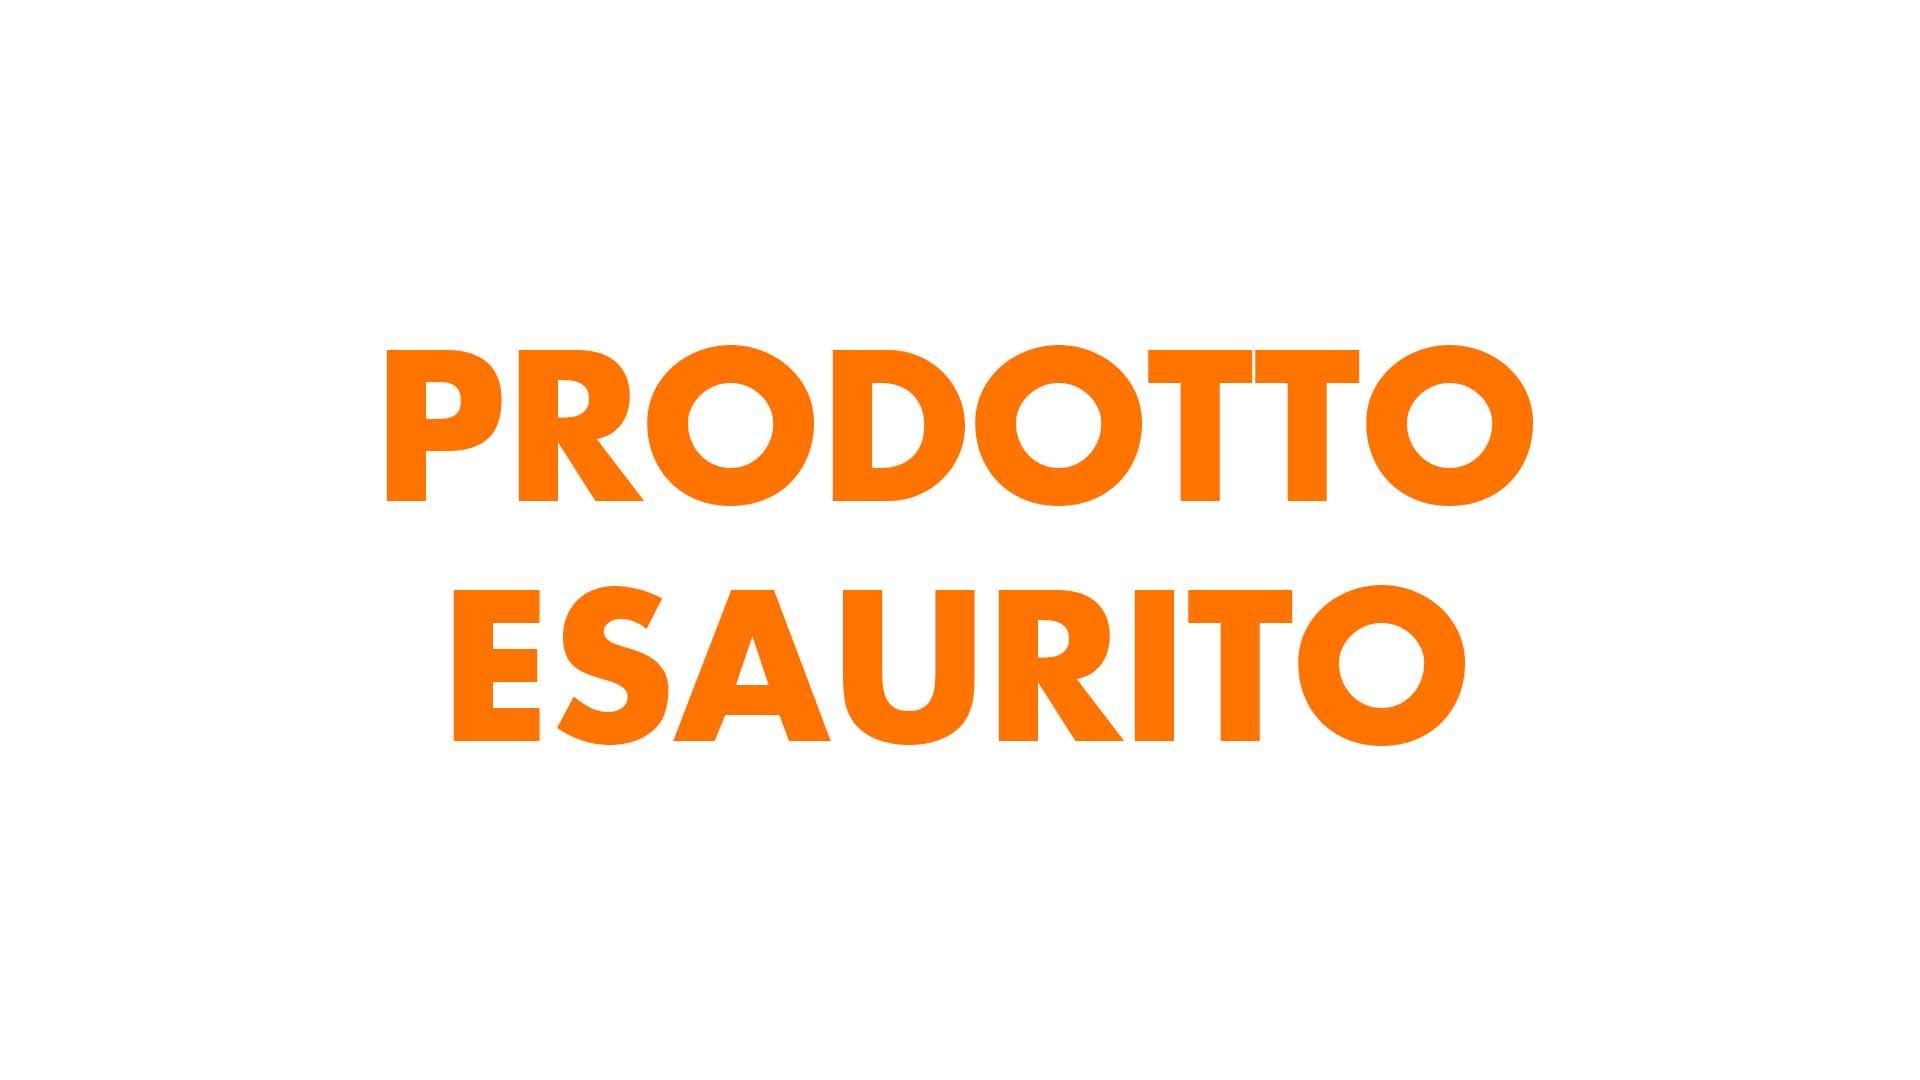 PRODOTTO ESAURITO